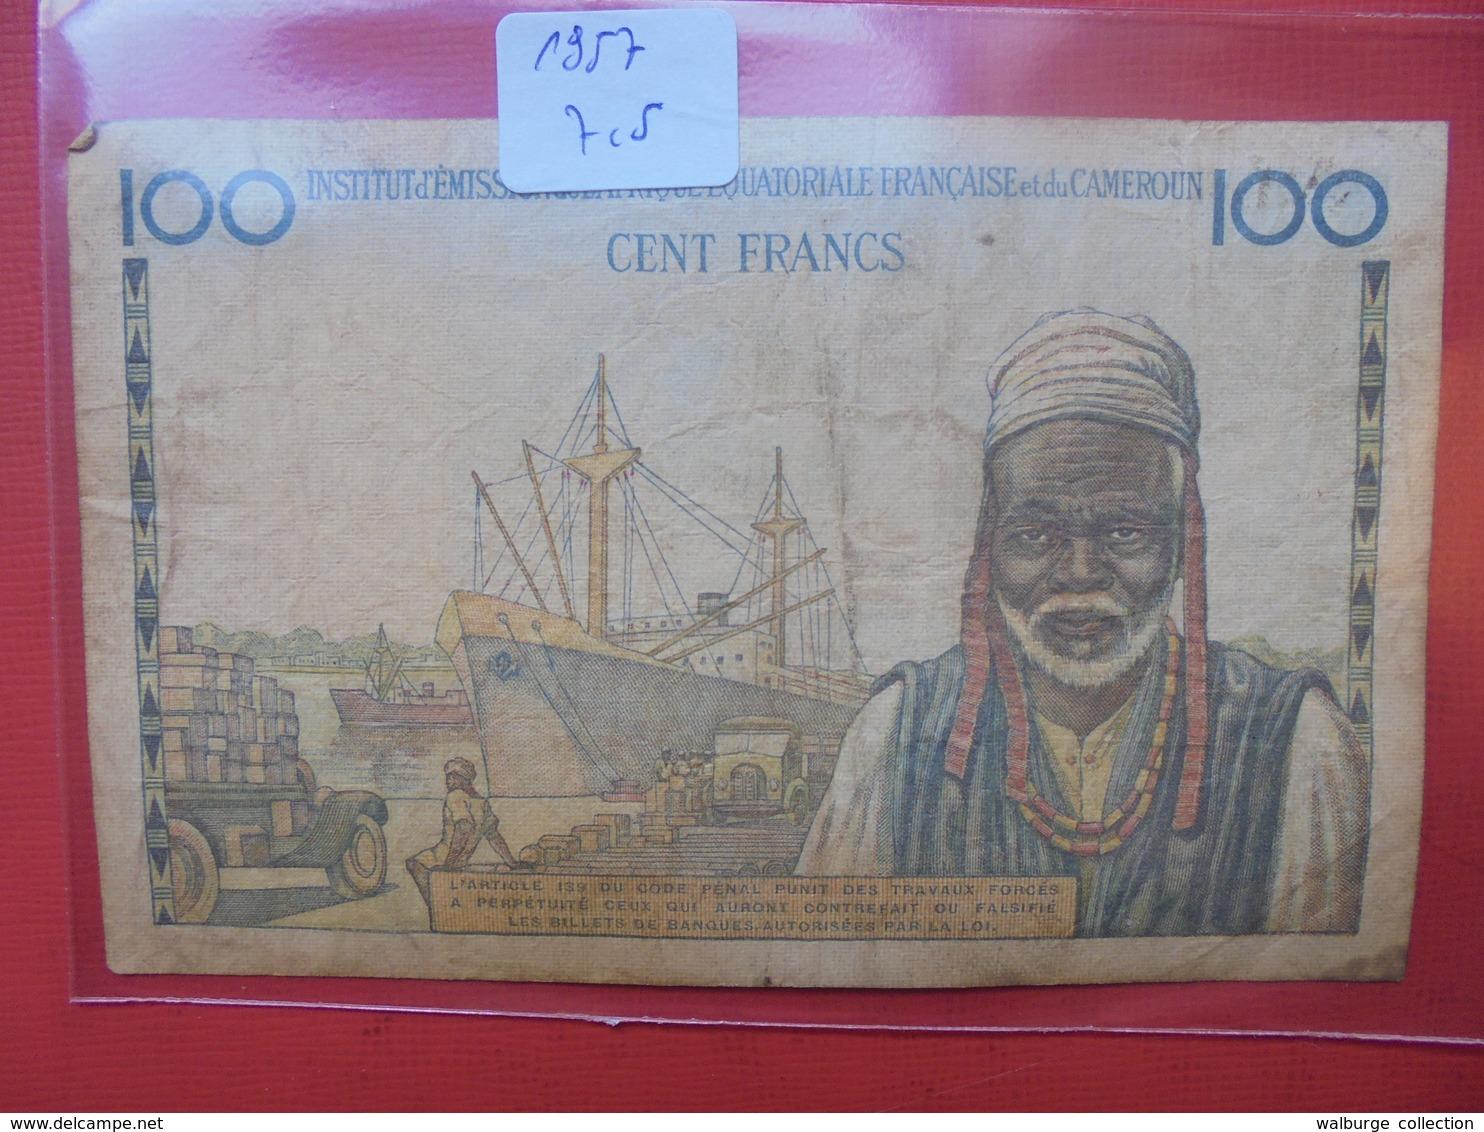 CAMEROUN 100 FRANCS 1957 CIRCULER - Cameroun